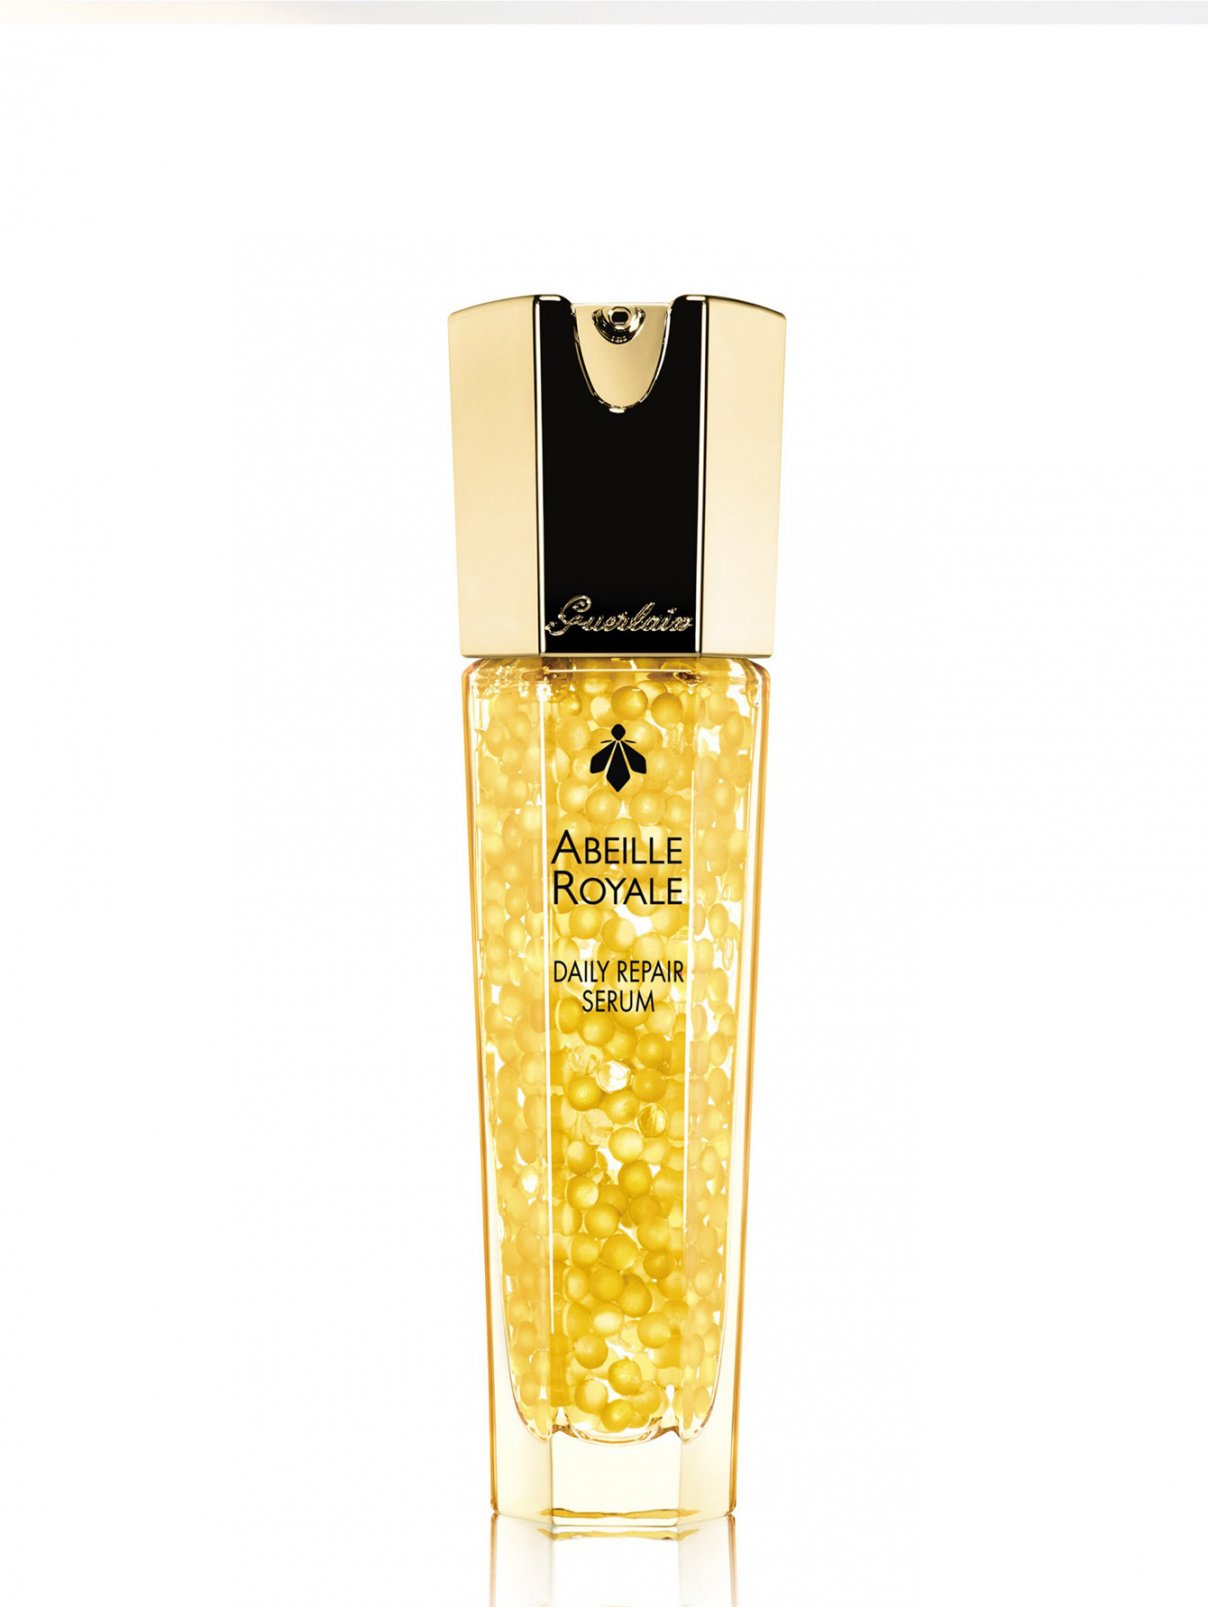 Интенсивная восстанавливающая сыворотка - Abeille Royale, 30ml Guerlain  –  Общий вид